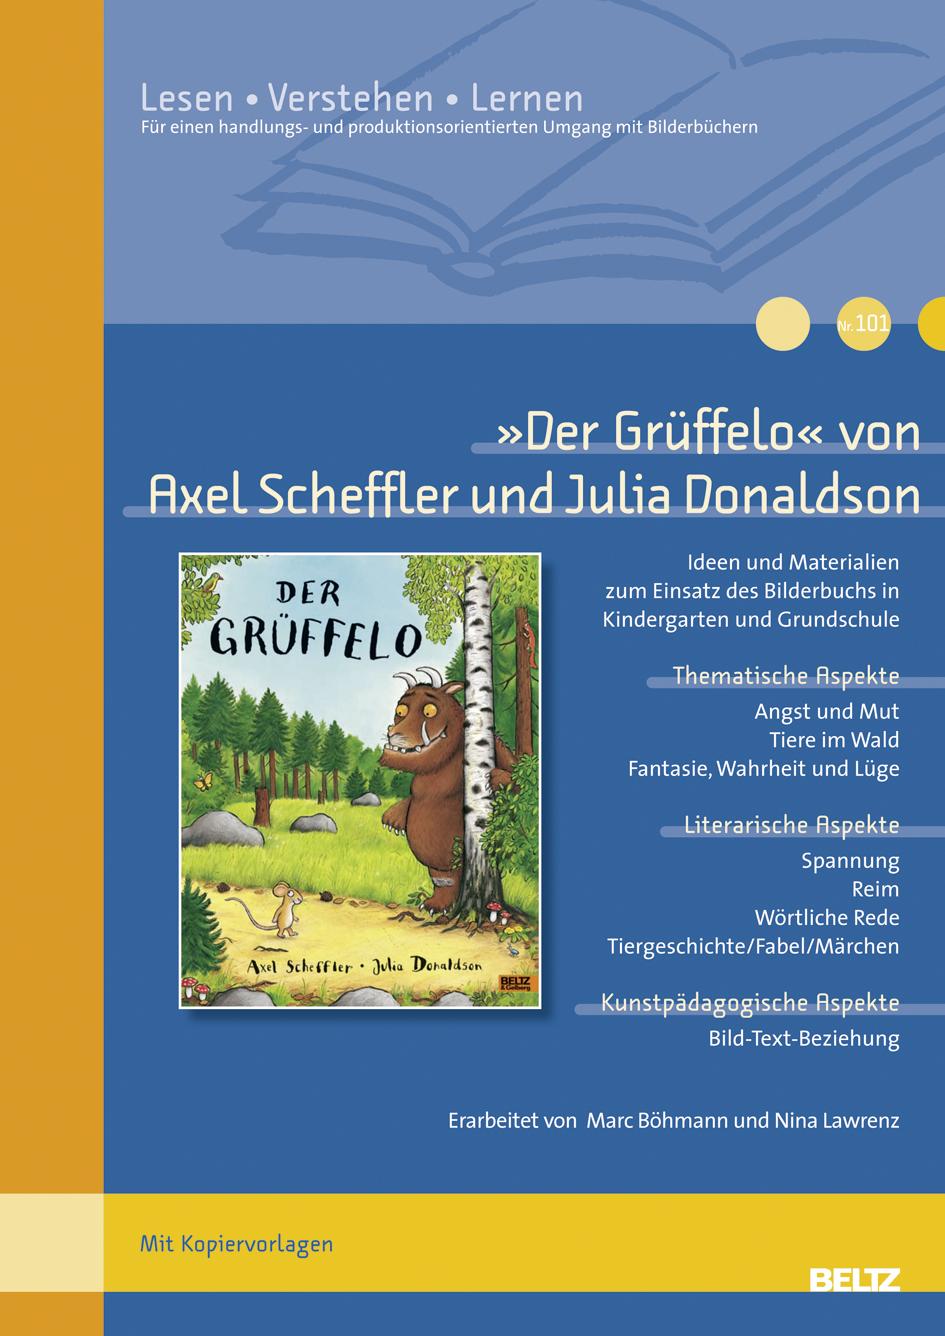 Der Grüffelo« von Axel Scheffler und Julia Donaldson - Ideen und ...